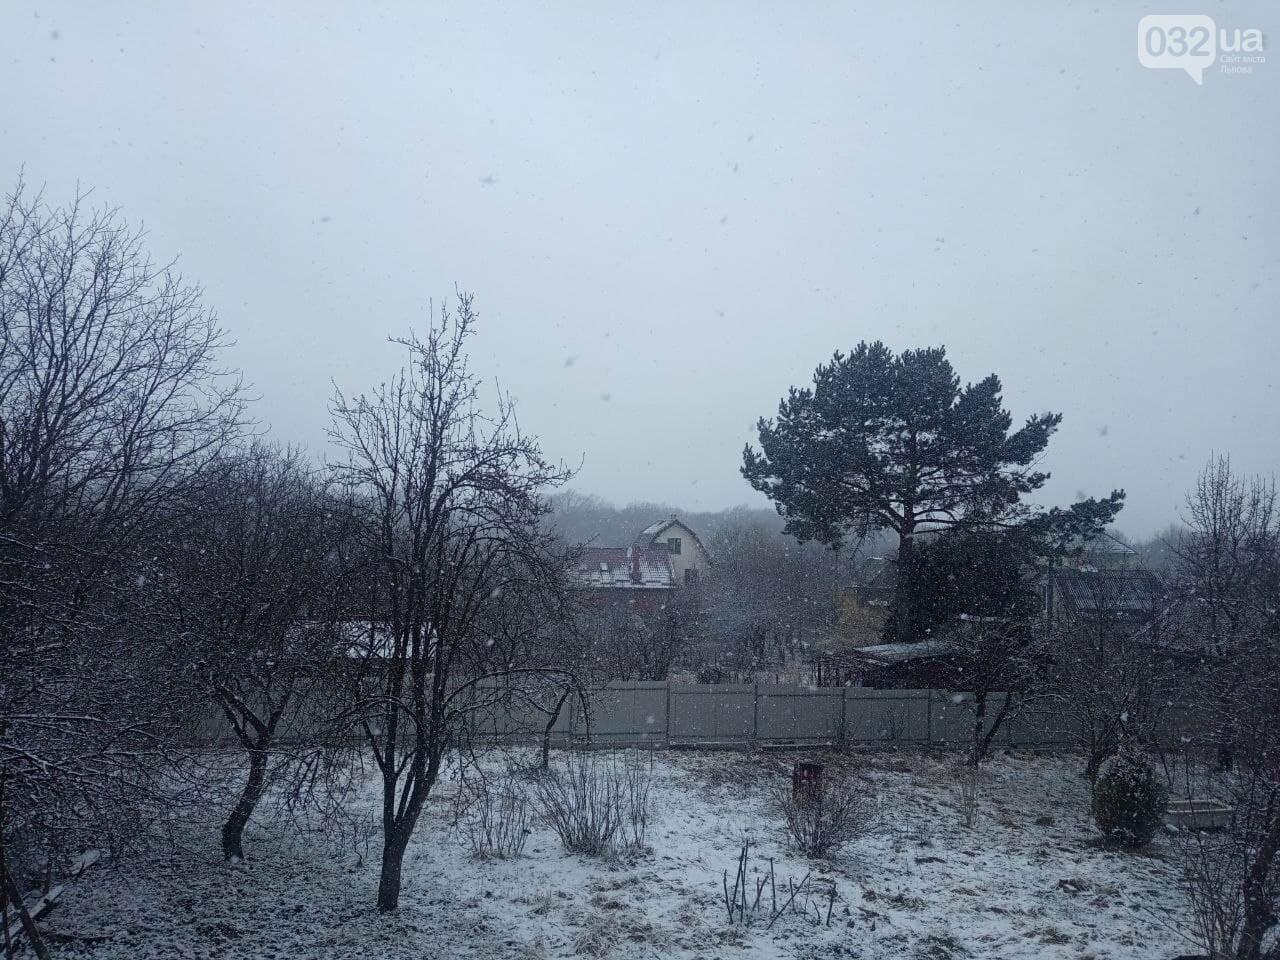 Львів та області засипало снігом, Фото: 032.ua